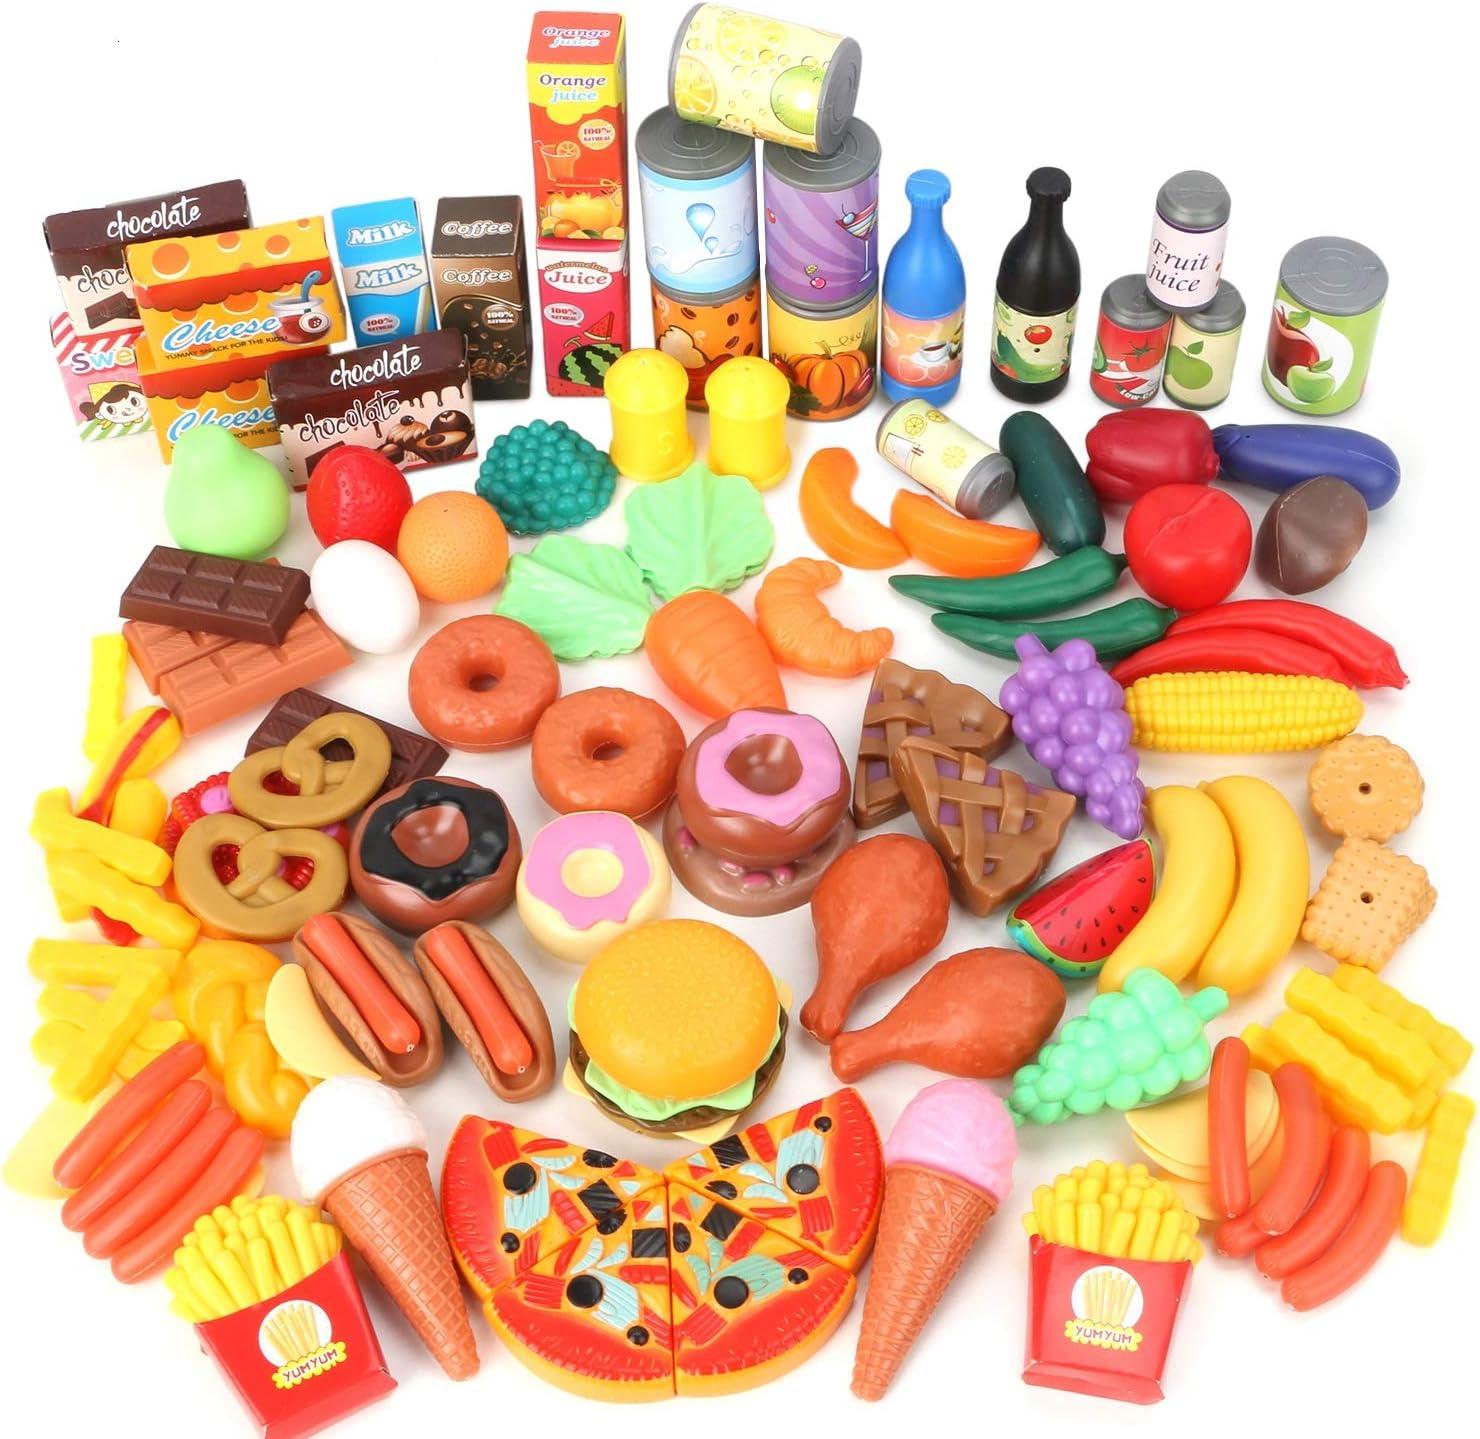 Magicfun 139 Piezas Juguetes de Comida, Alimentos Juguetes Plástico de Cocina Gran Variedad de Frutas y Verduras, Juguete Imitación de rol para Niños Niñas más de 3 Años